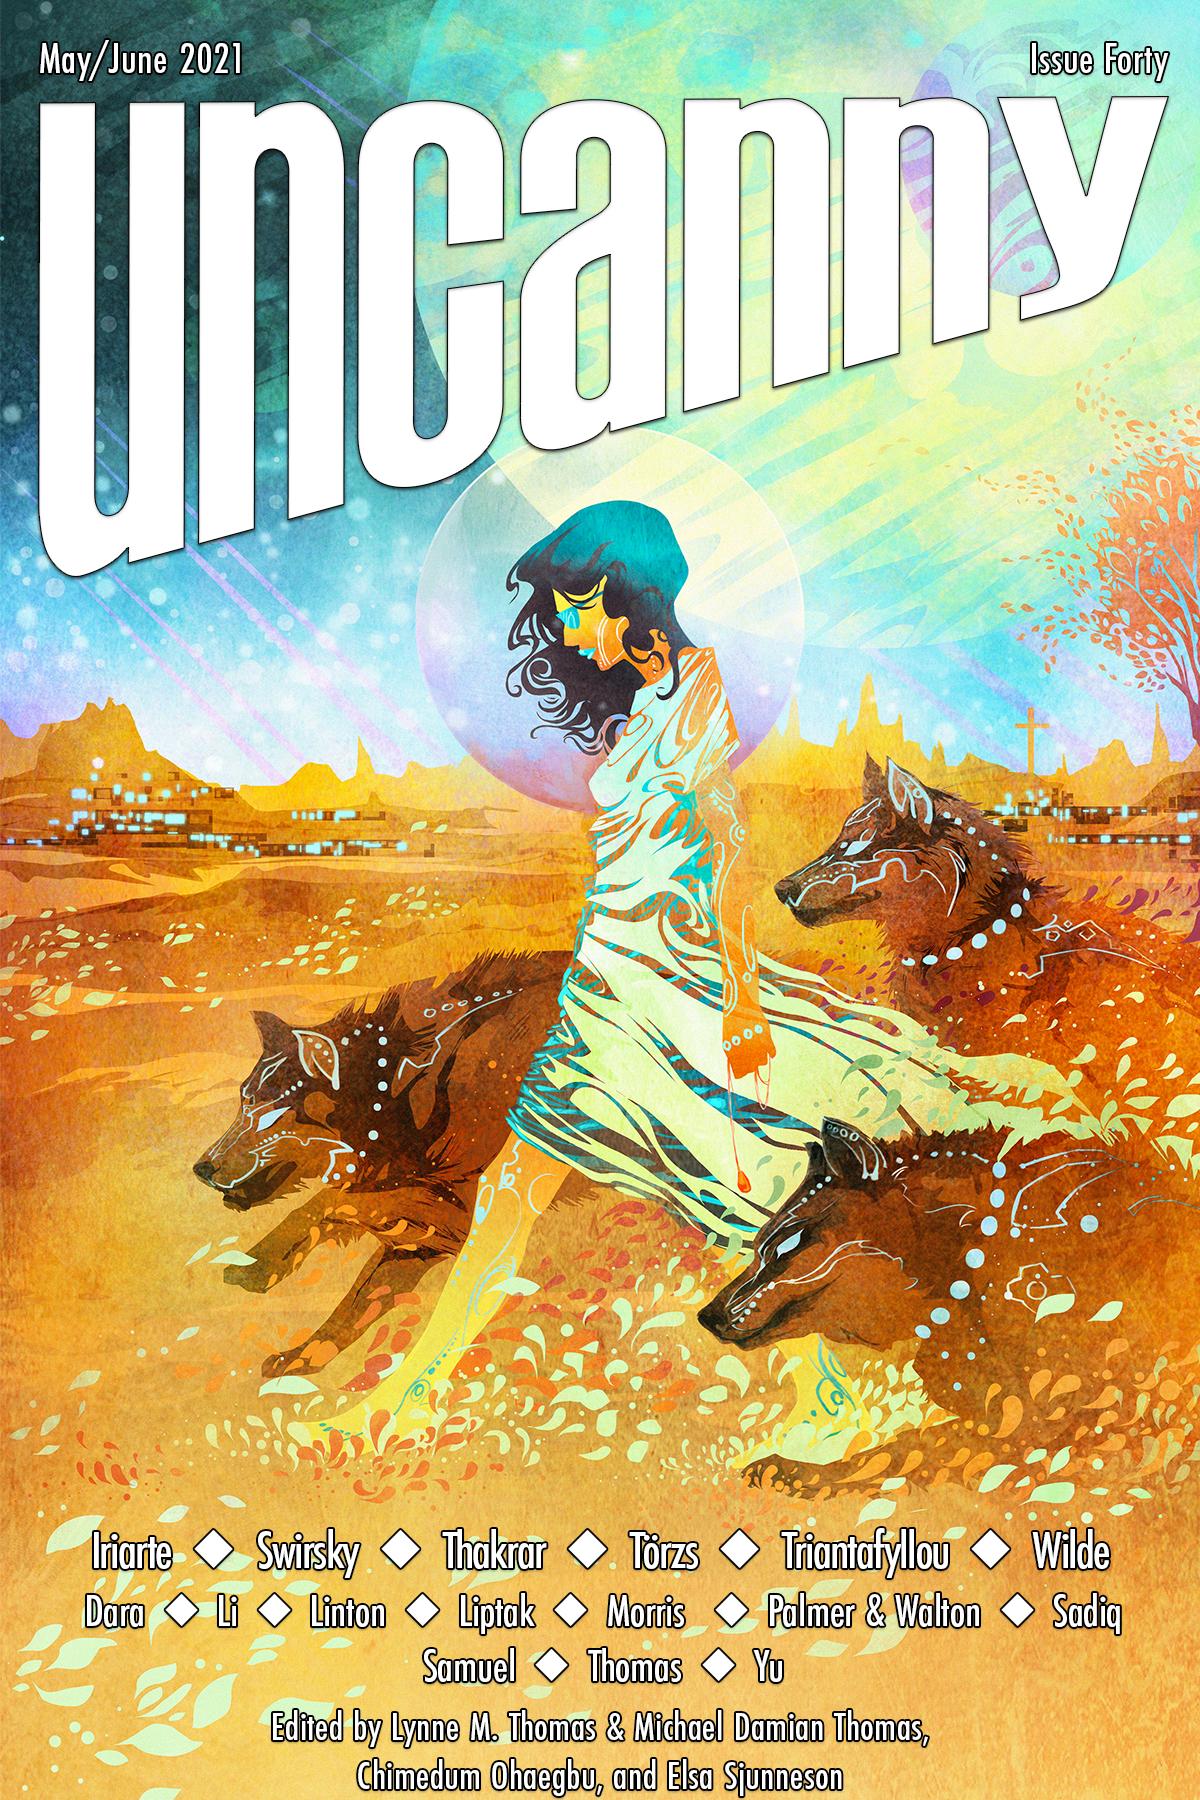 Uncanny Magazine Issue 40: May/June 2021 by Chimedum Ohaegbu, Elsa Sjunneson, Michael Damian Thomas, Lynne M. Thomas